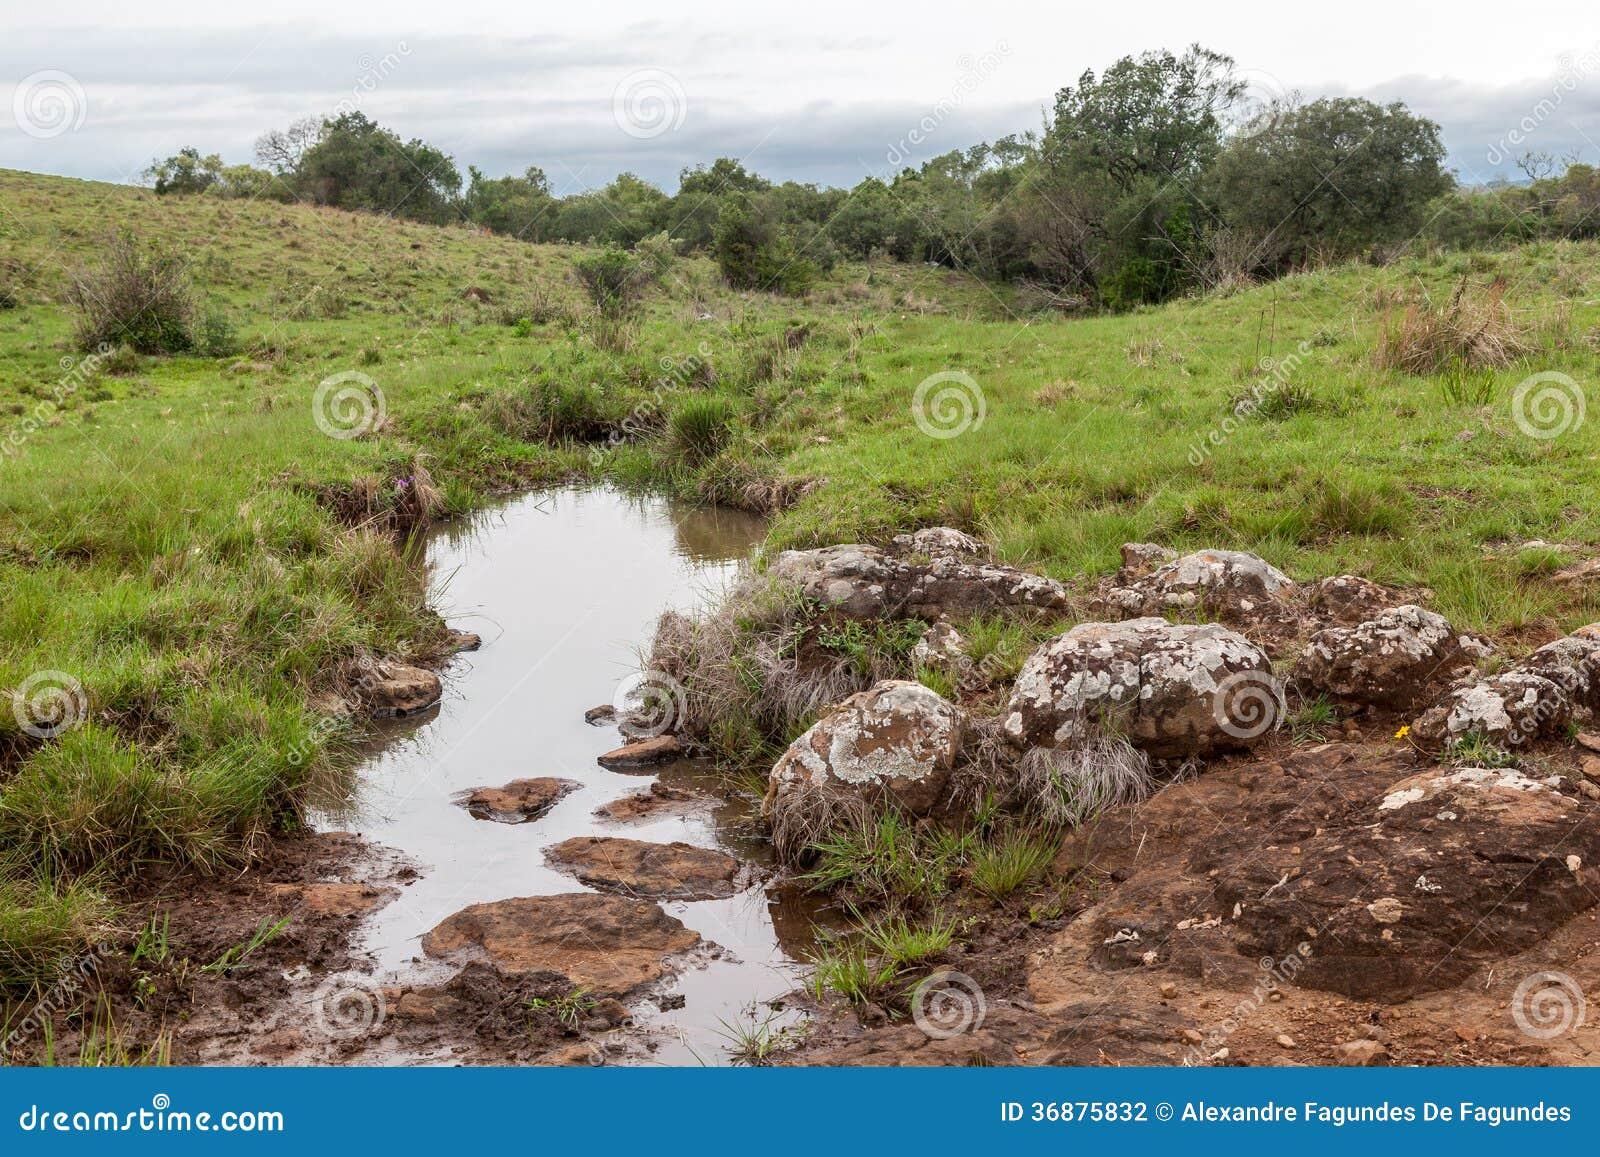 Download Fiume in azienda agricola fotografia stock. Immagine di latino - 36875832